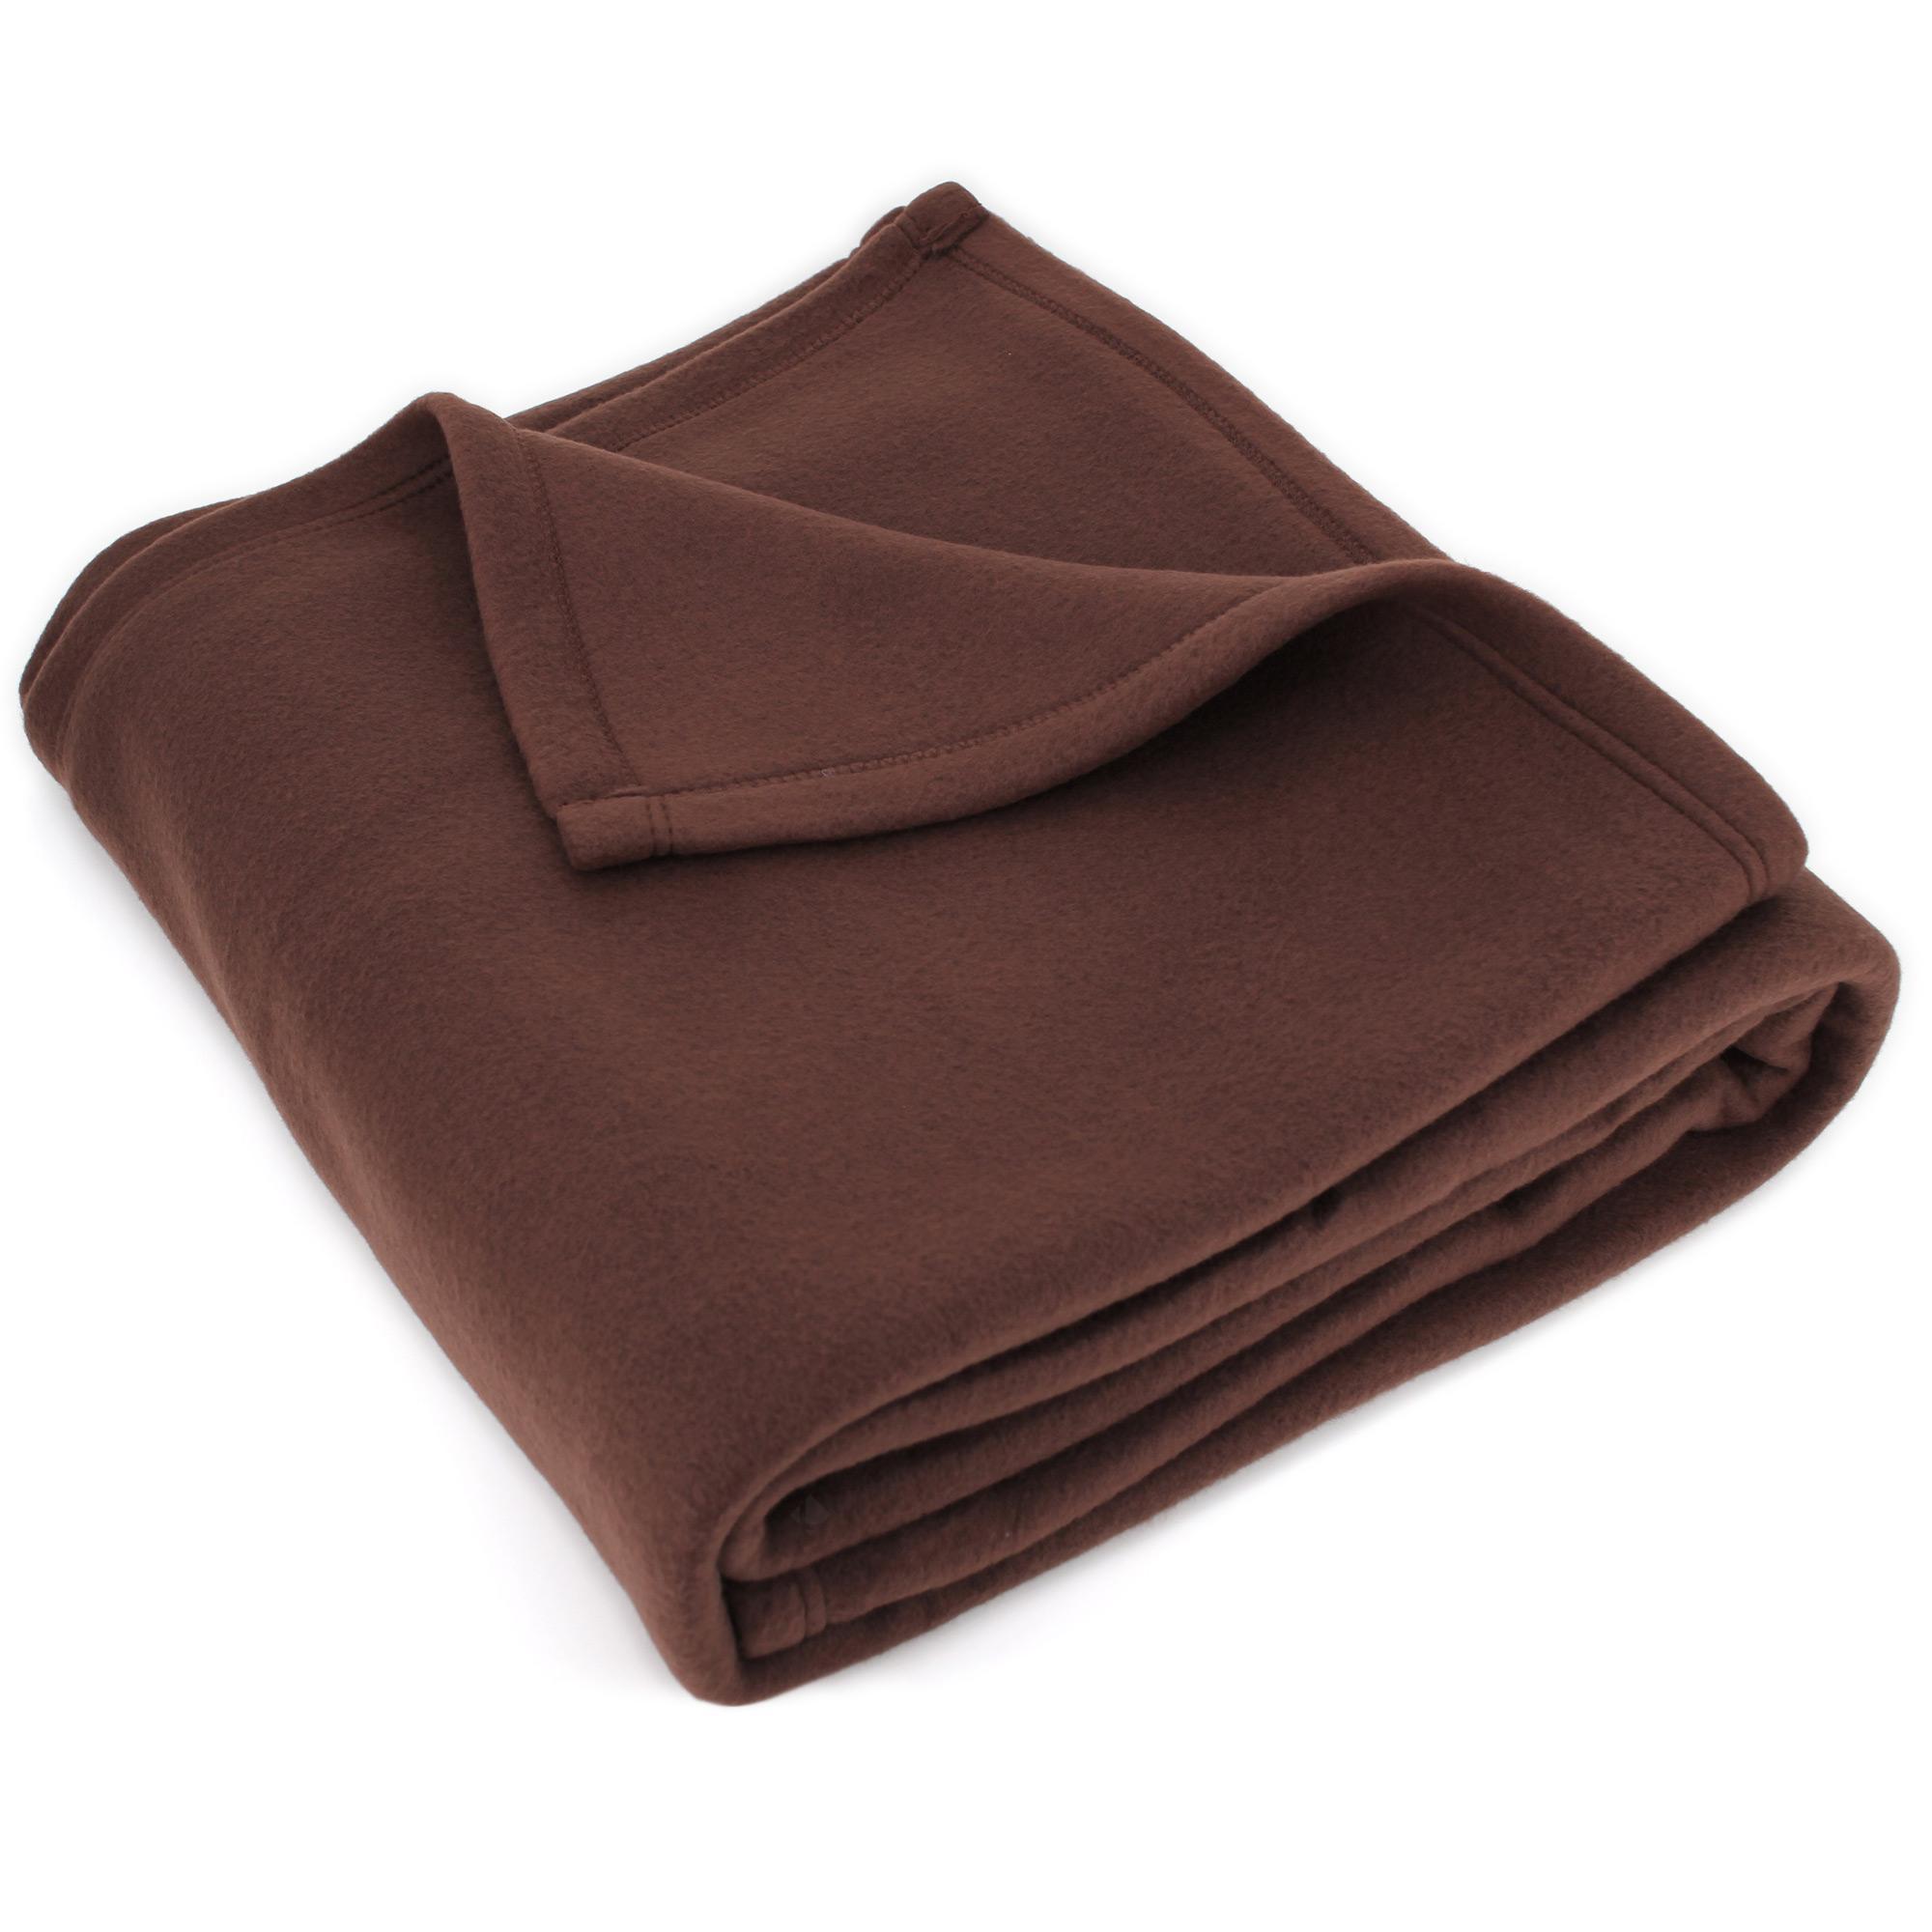 couverture polaire 220x240 cm isba marron chocolat 100 polyester 320 g m2 trait non feu. Black Bedroom Furniture Sets. Home Design Ideas